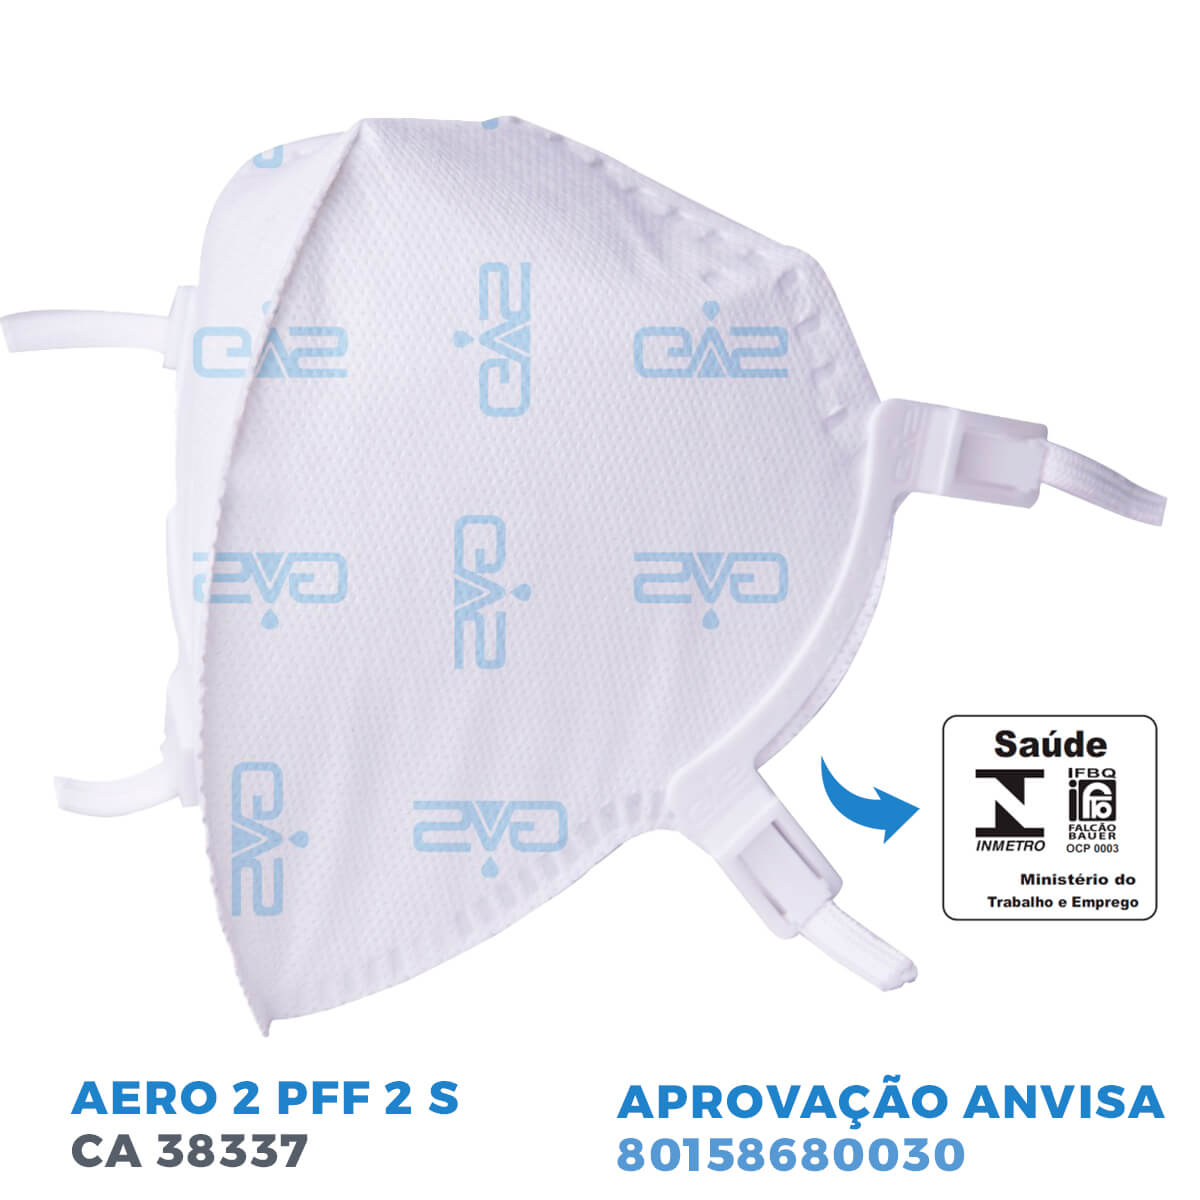 Kit 150 Mascara Respiratória Hospitalar PFF2 N95 GVS Com ANVISA e INMETRO no ATACADO